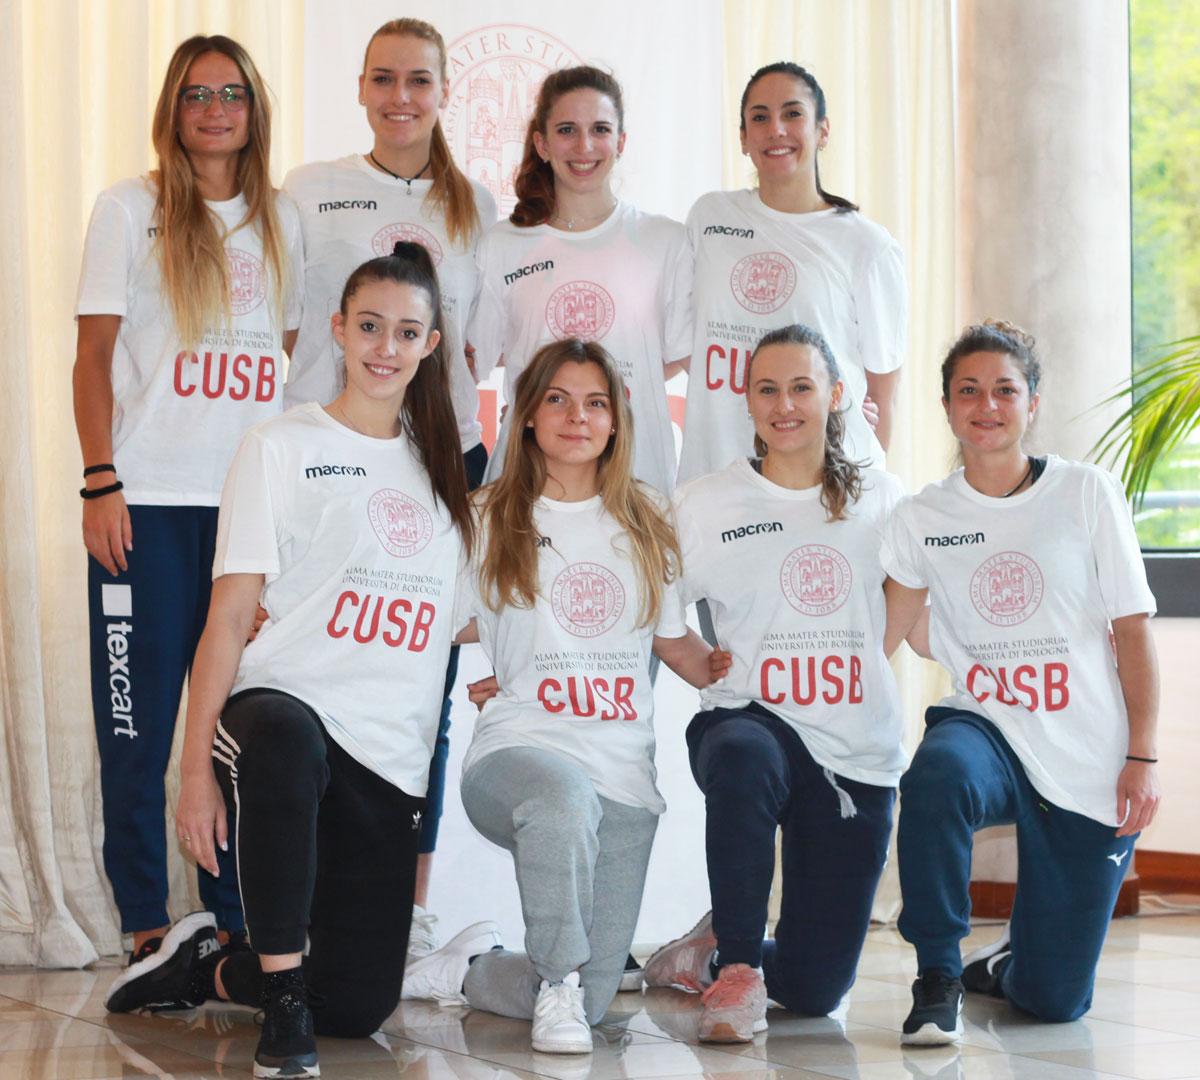 pallavolo femminile cnu 2019 cus Bologna